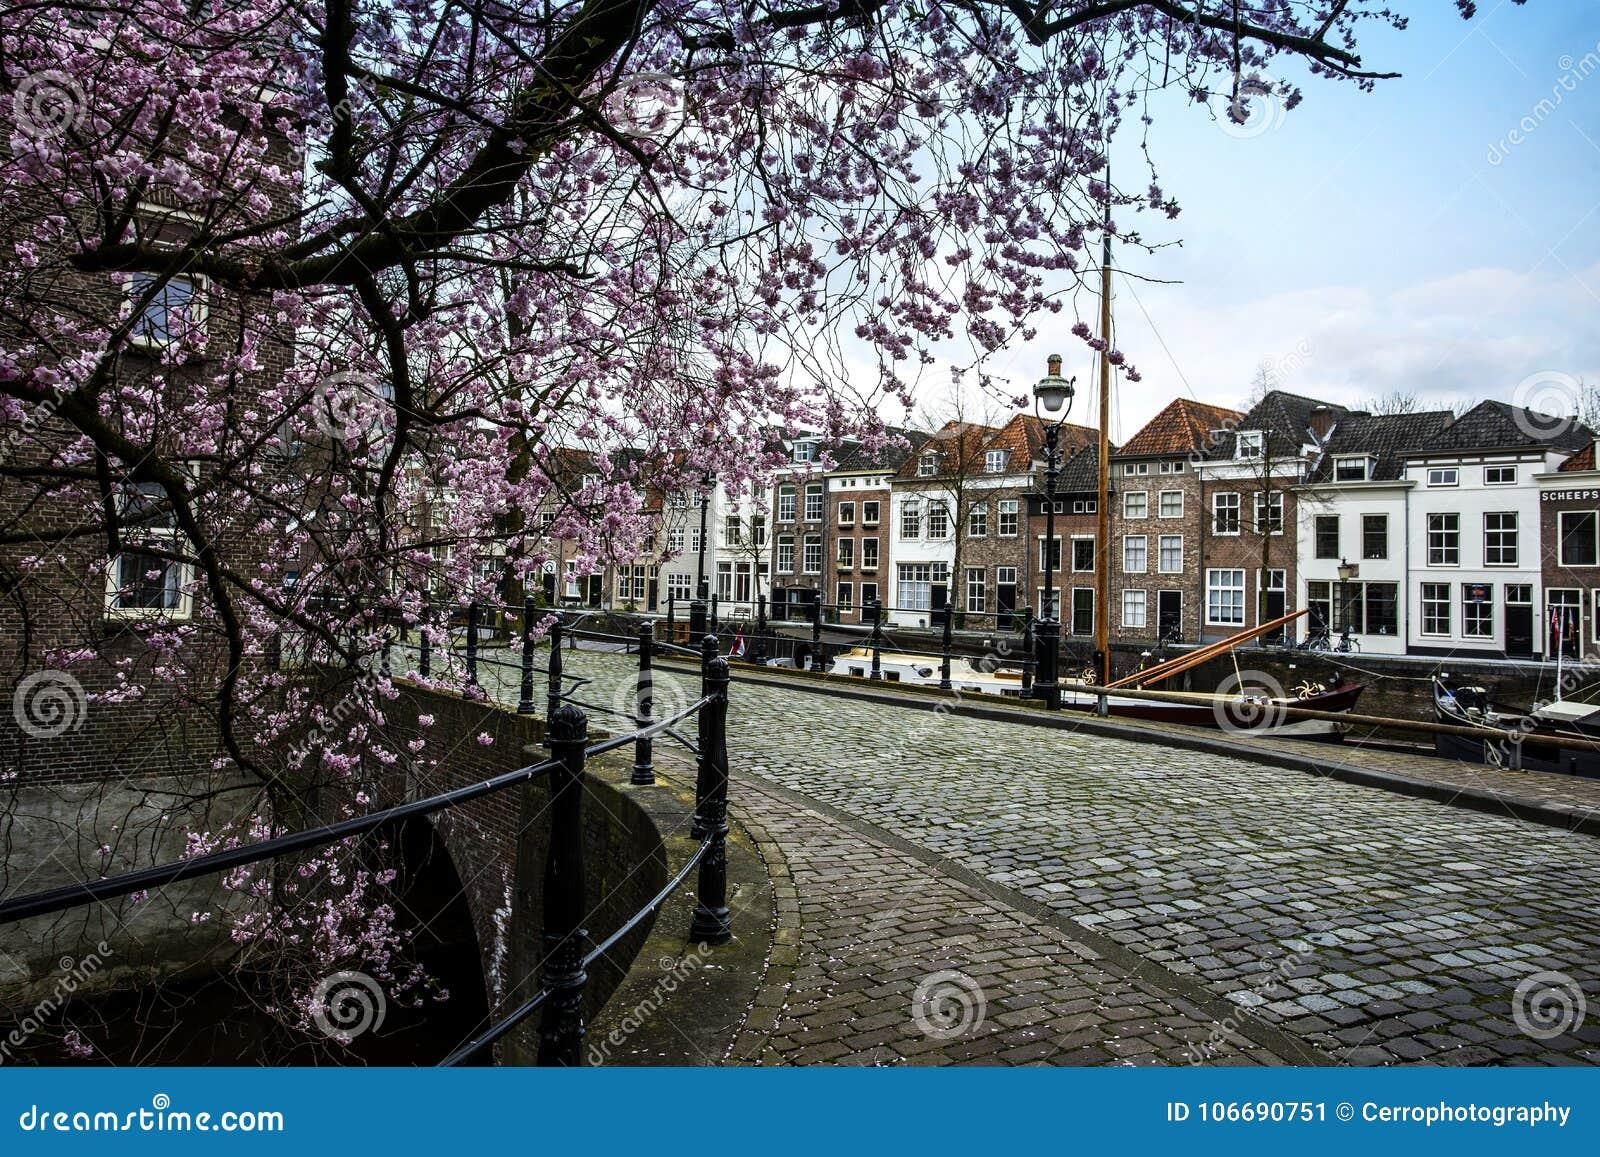 Stad in Nederland met mooie oude huizen en een roze boom